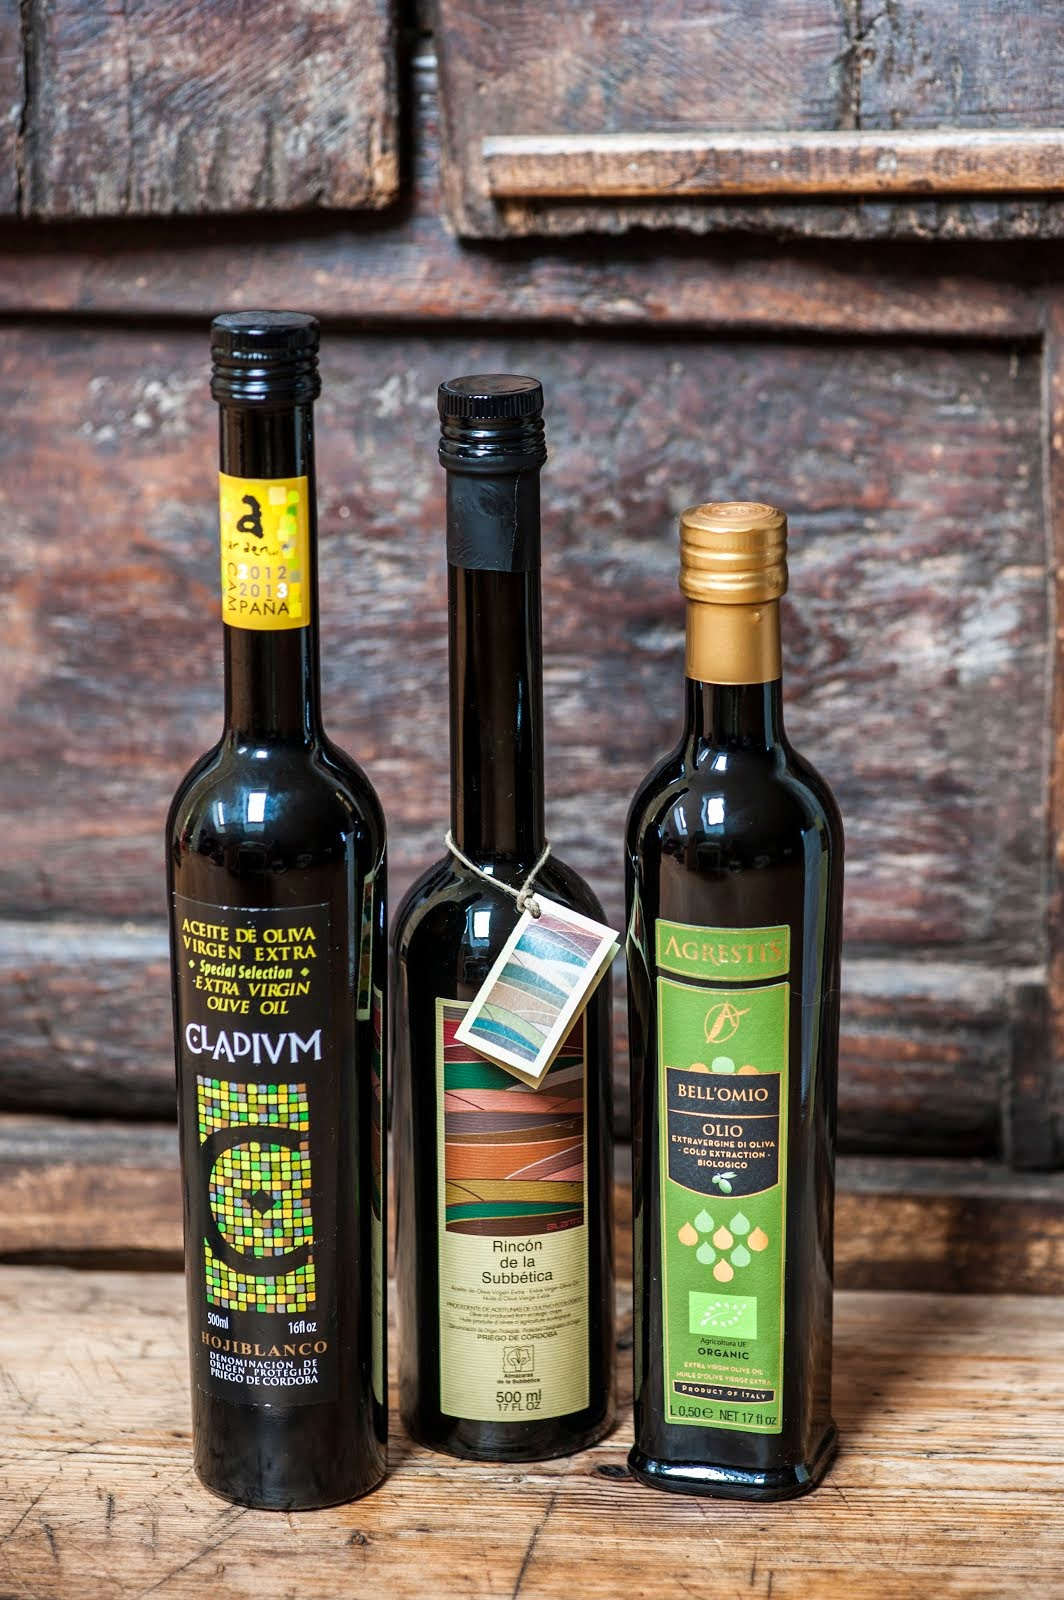 Maailma parimaid oliiviõlisid leiad Oliva.ee valikust